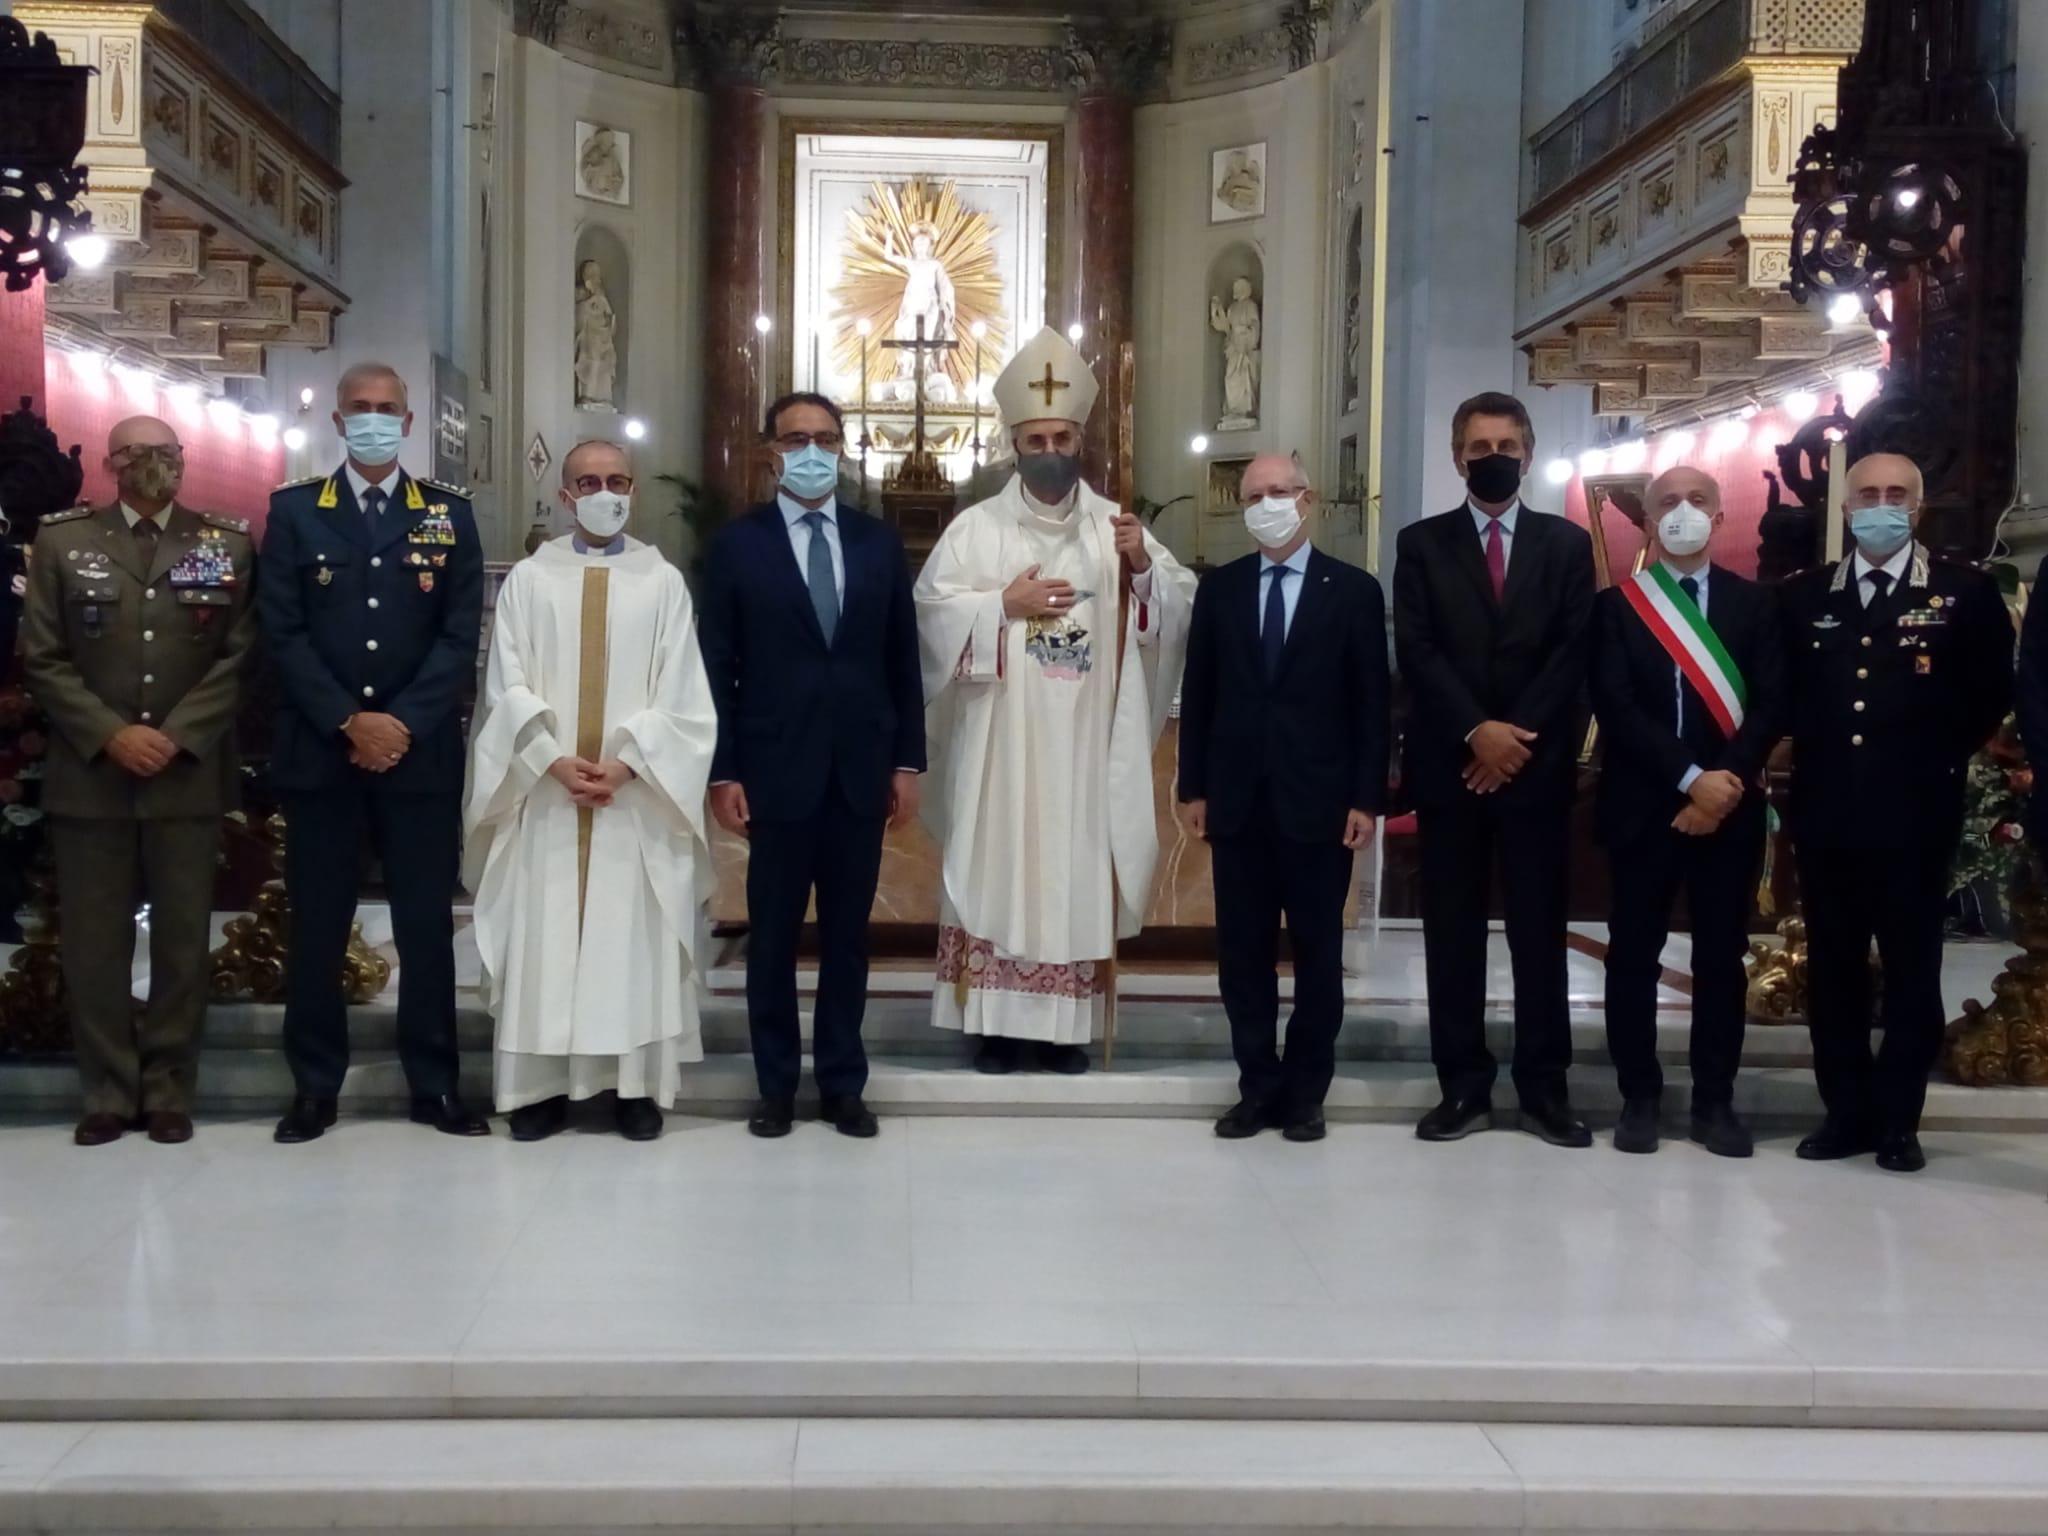 Una messa in Cattedrale per San Michele: la Polizia celebra il suo Patrono